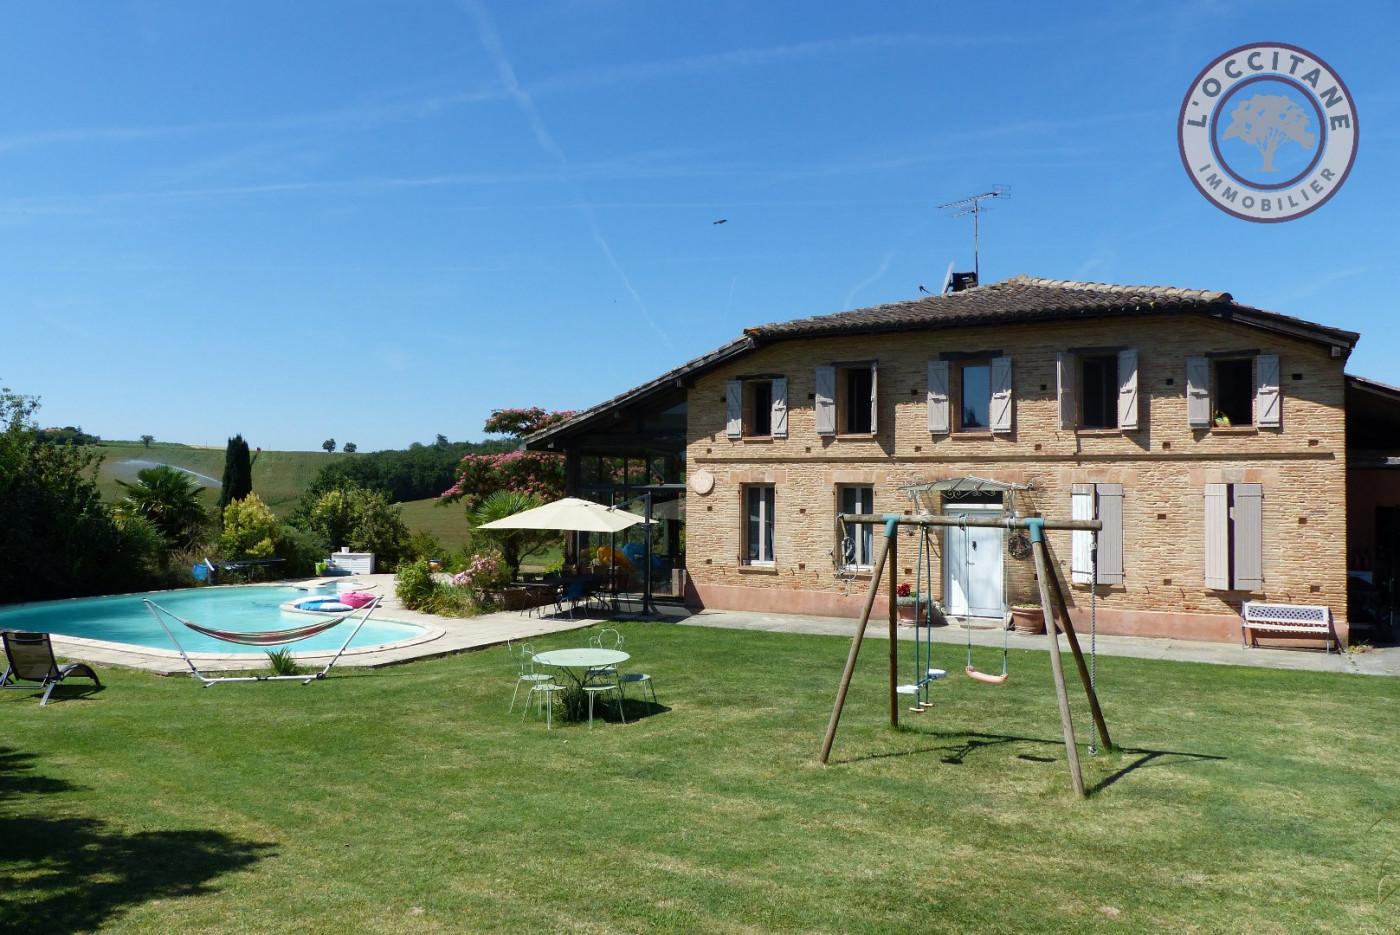 Maison de caractre en vente encausse l for Maison occitane